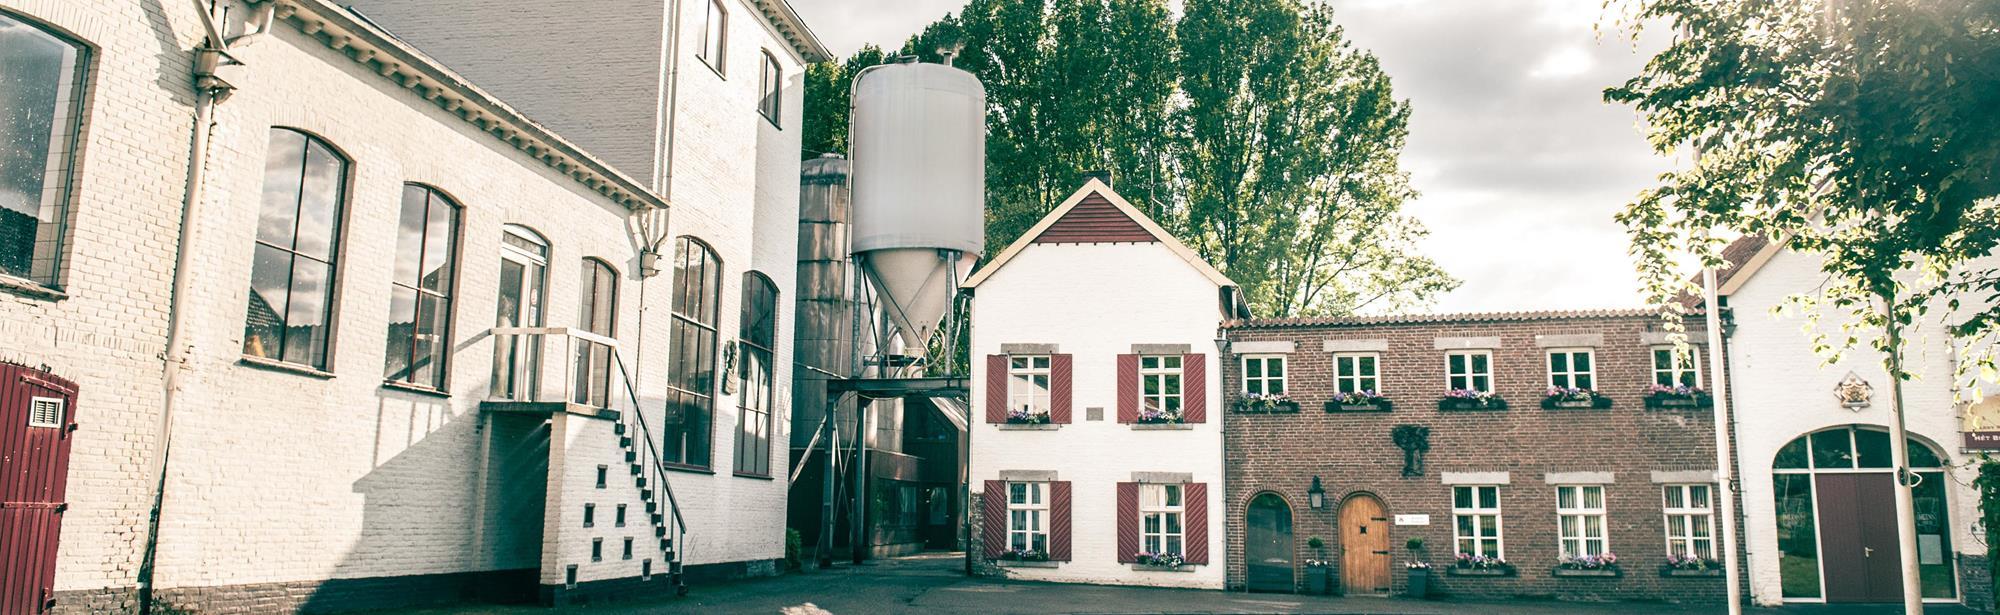 Alfa Brouwerij Schinnen